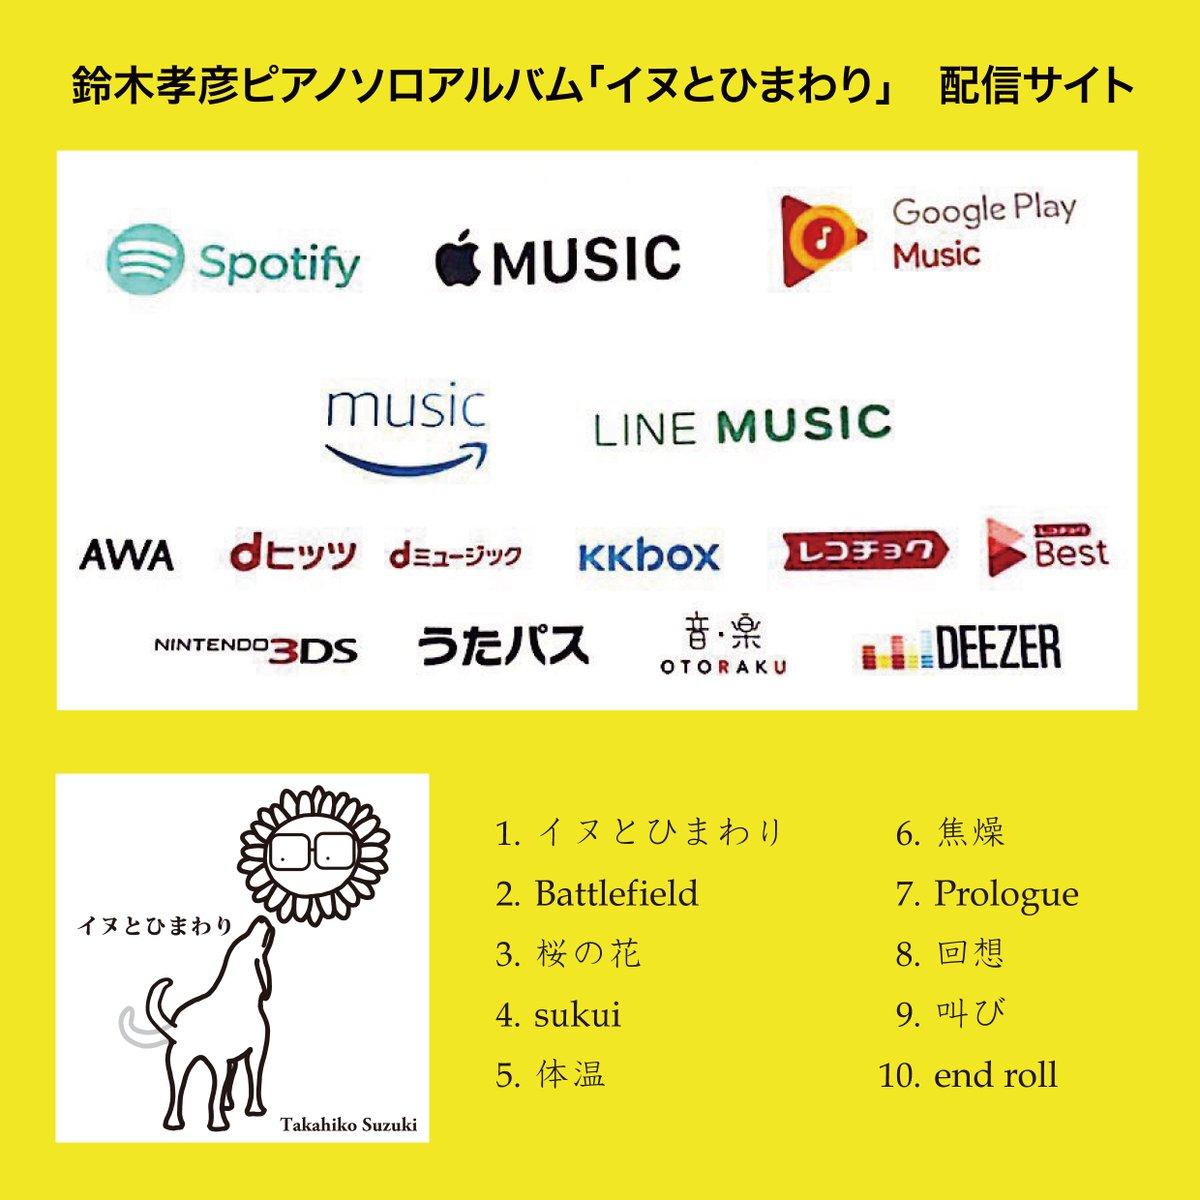 「イヌとひまわり」配信GooglePlayMusicAmazonmusicLINEMUSICdヒッツdミュージックKKBOXレコチョクetc.